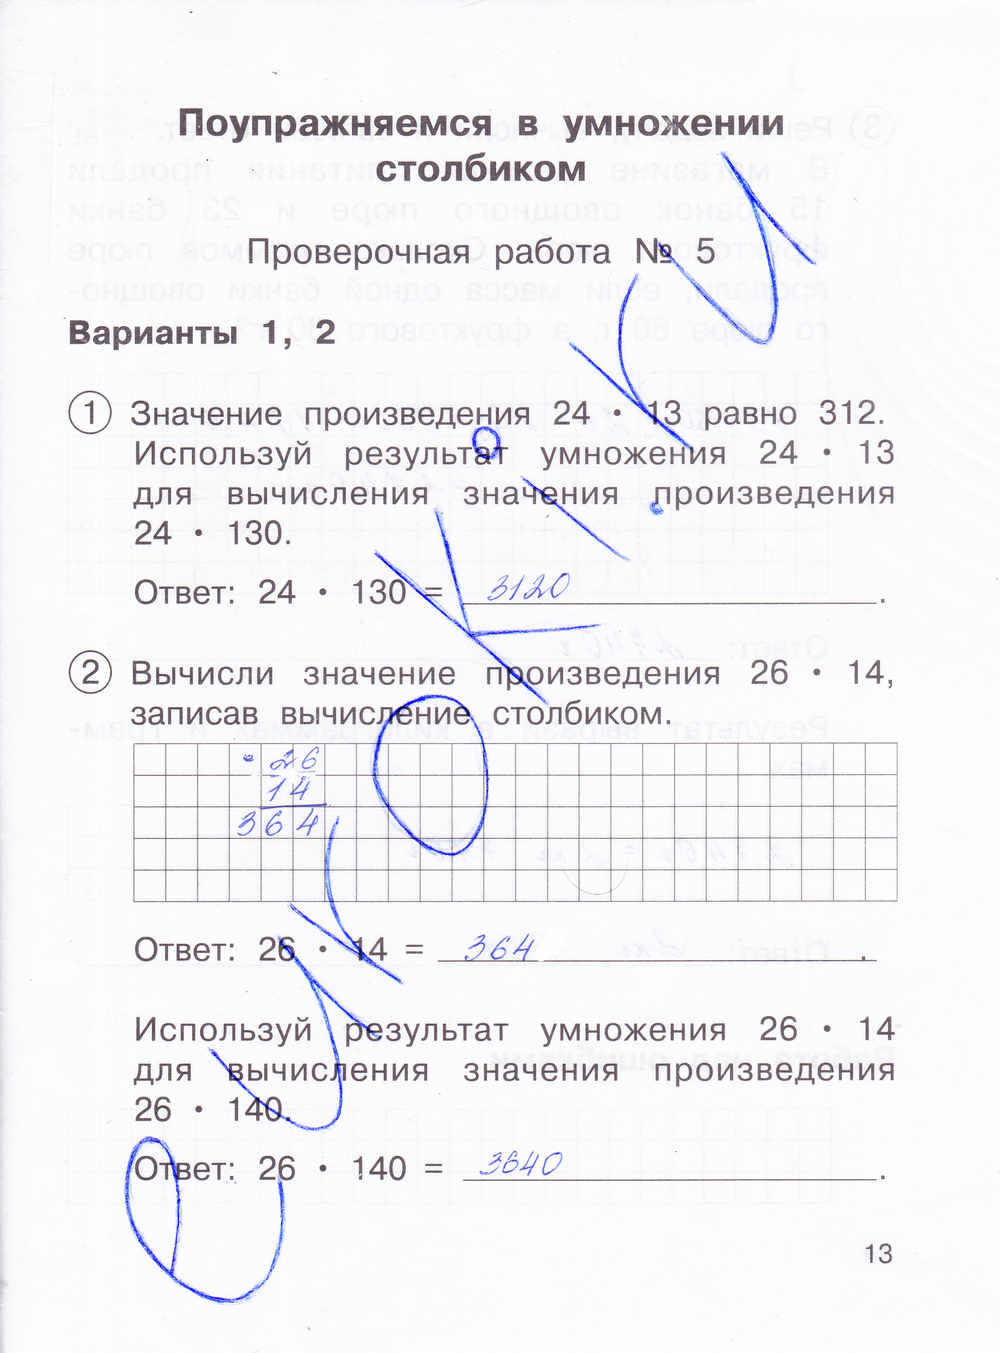 2 контрольных часть гдз класс янычева 3 по чуракова работ математике